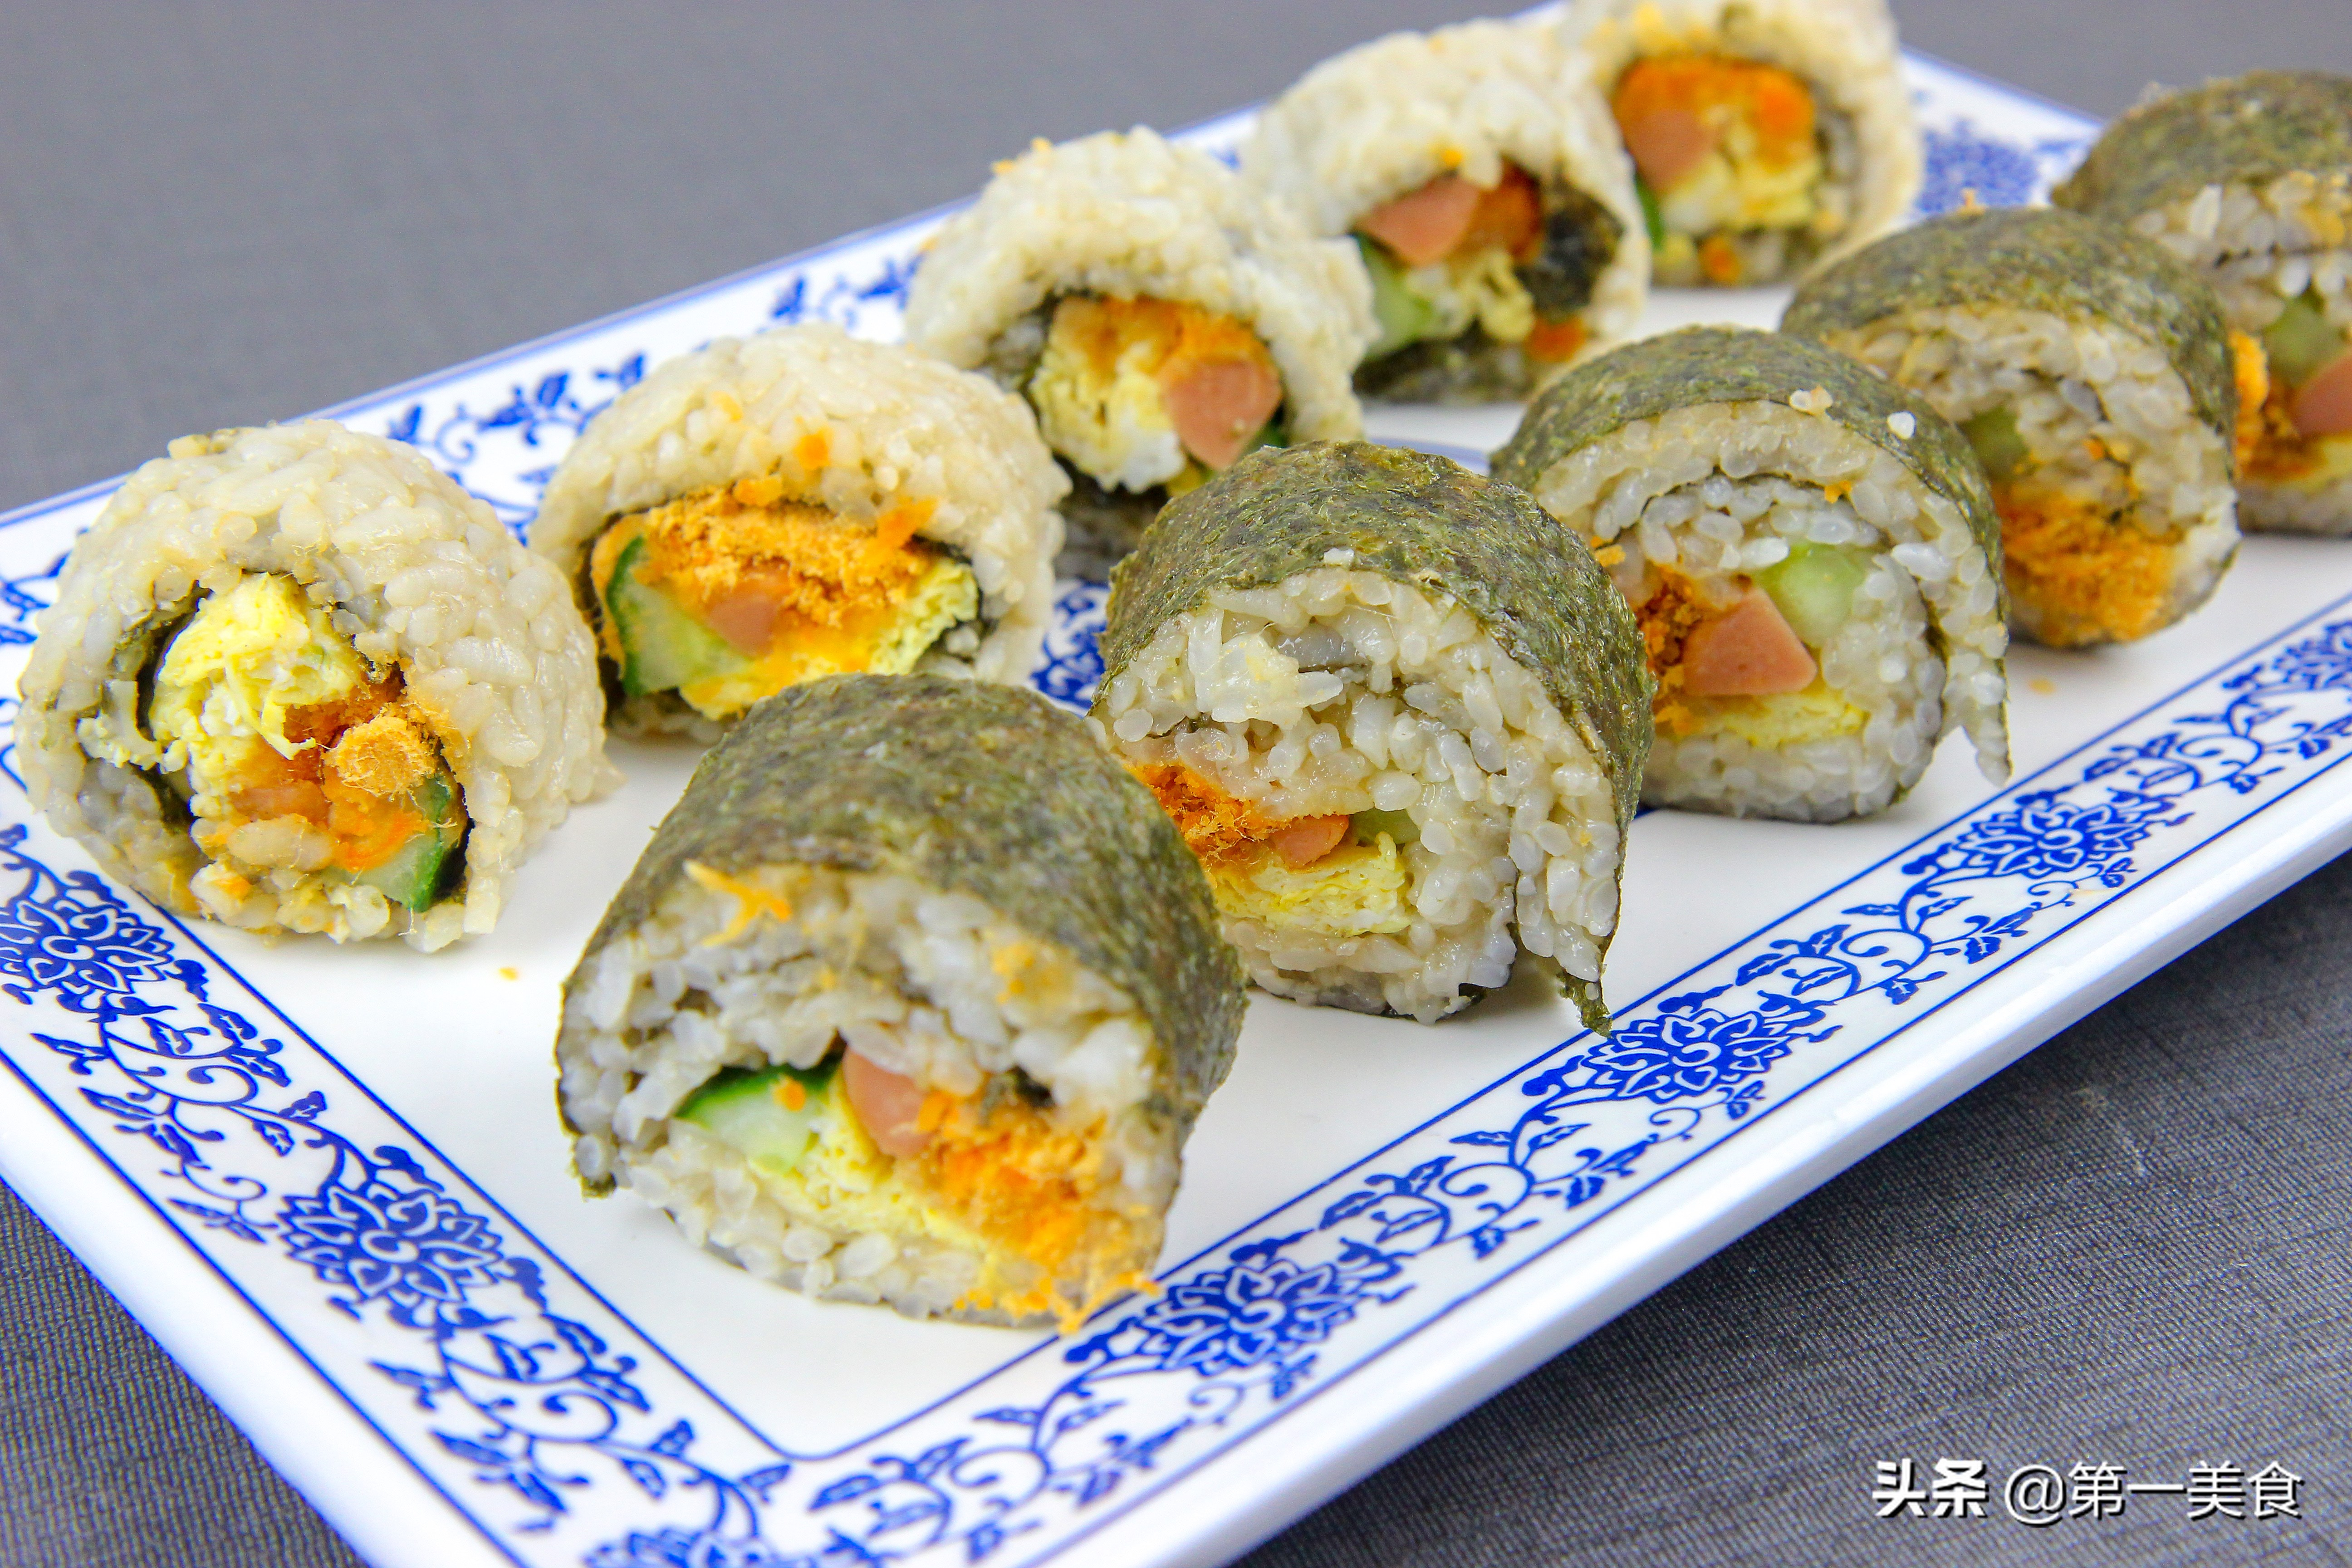 寿司不用再去外面买了 教你在家轻松做 营养美味 还干净省钱